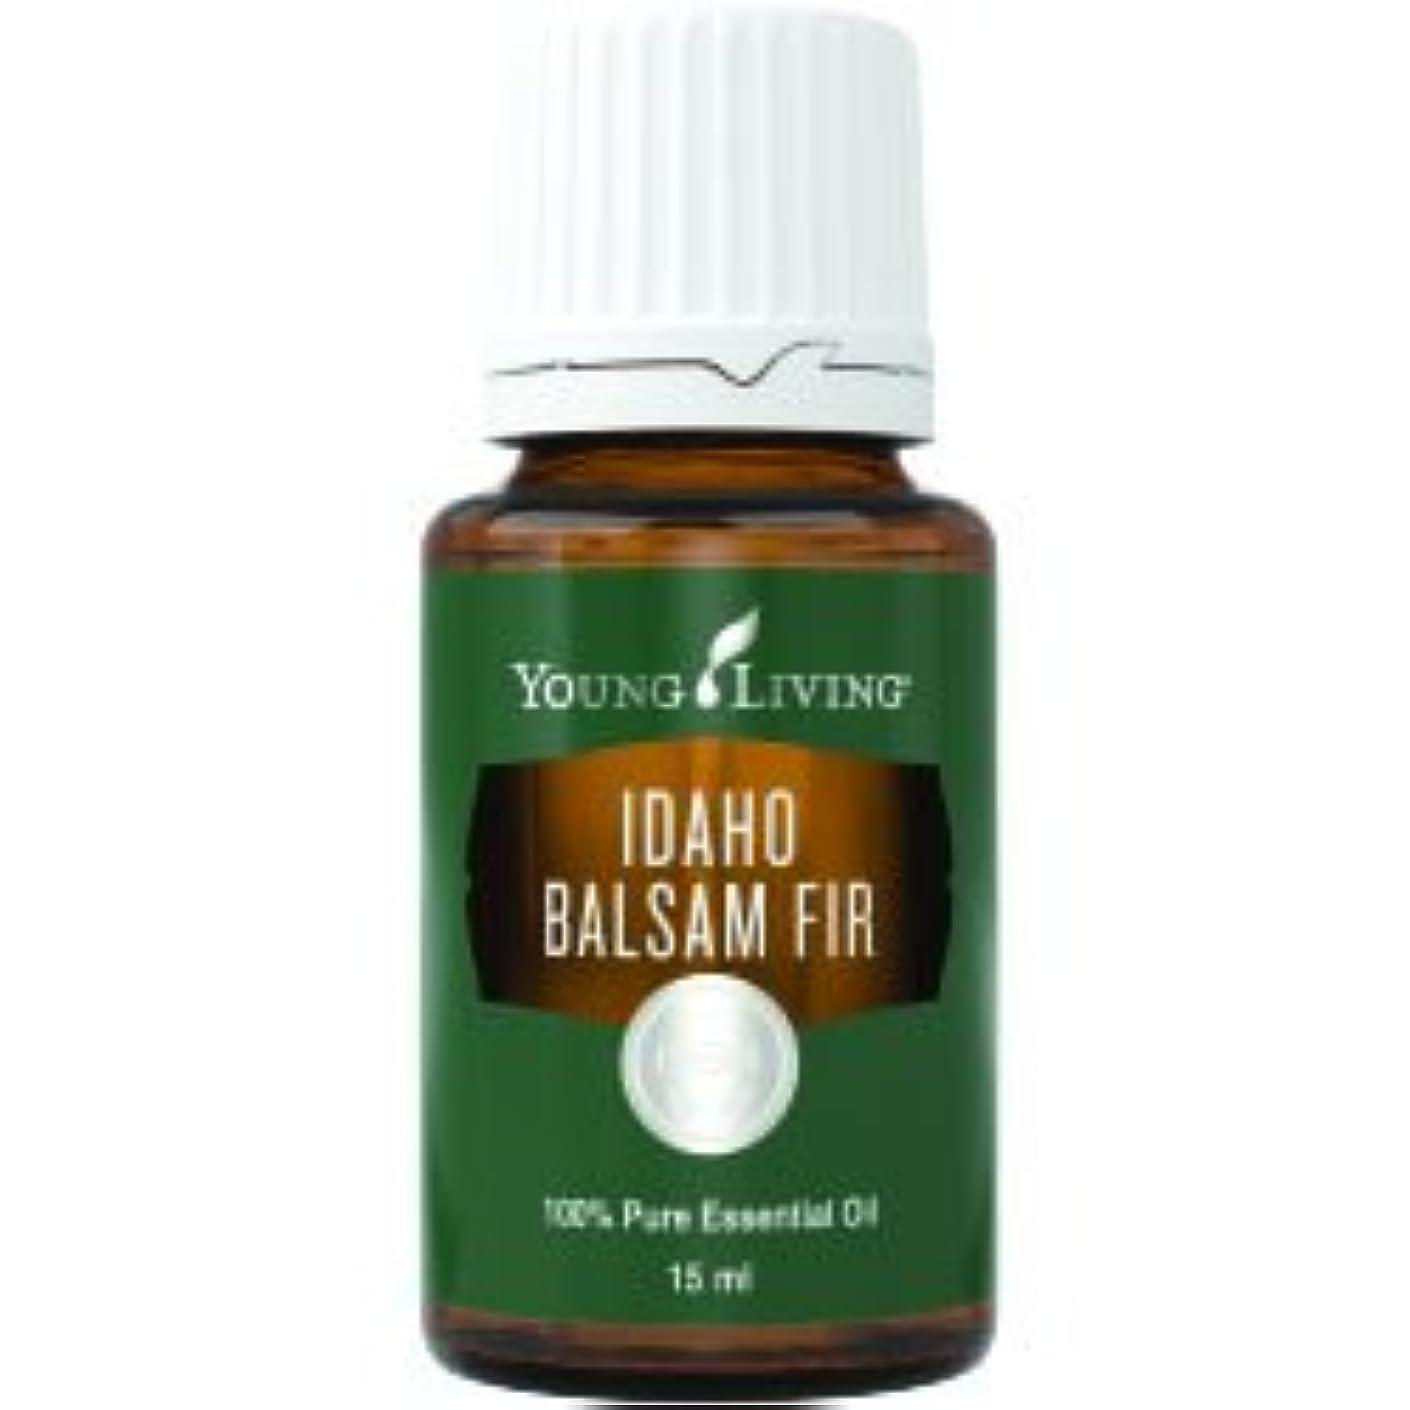 先史時代のポンペイ雇用者アイダホバルサムモミエッセンシャルオイル15ml by Young Livingエッセンシャルオイルマレーシア Idaho Balsam Fir Essential Oil 15ml by Young Living Essential...